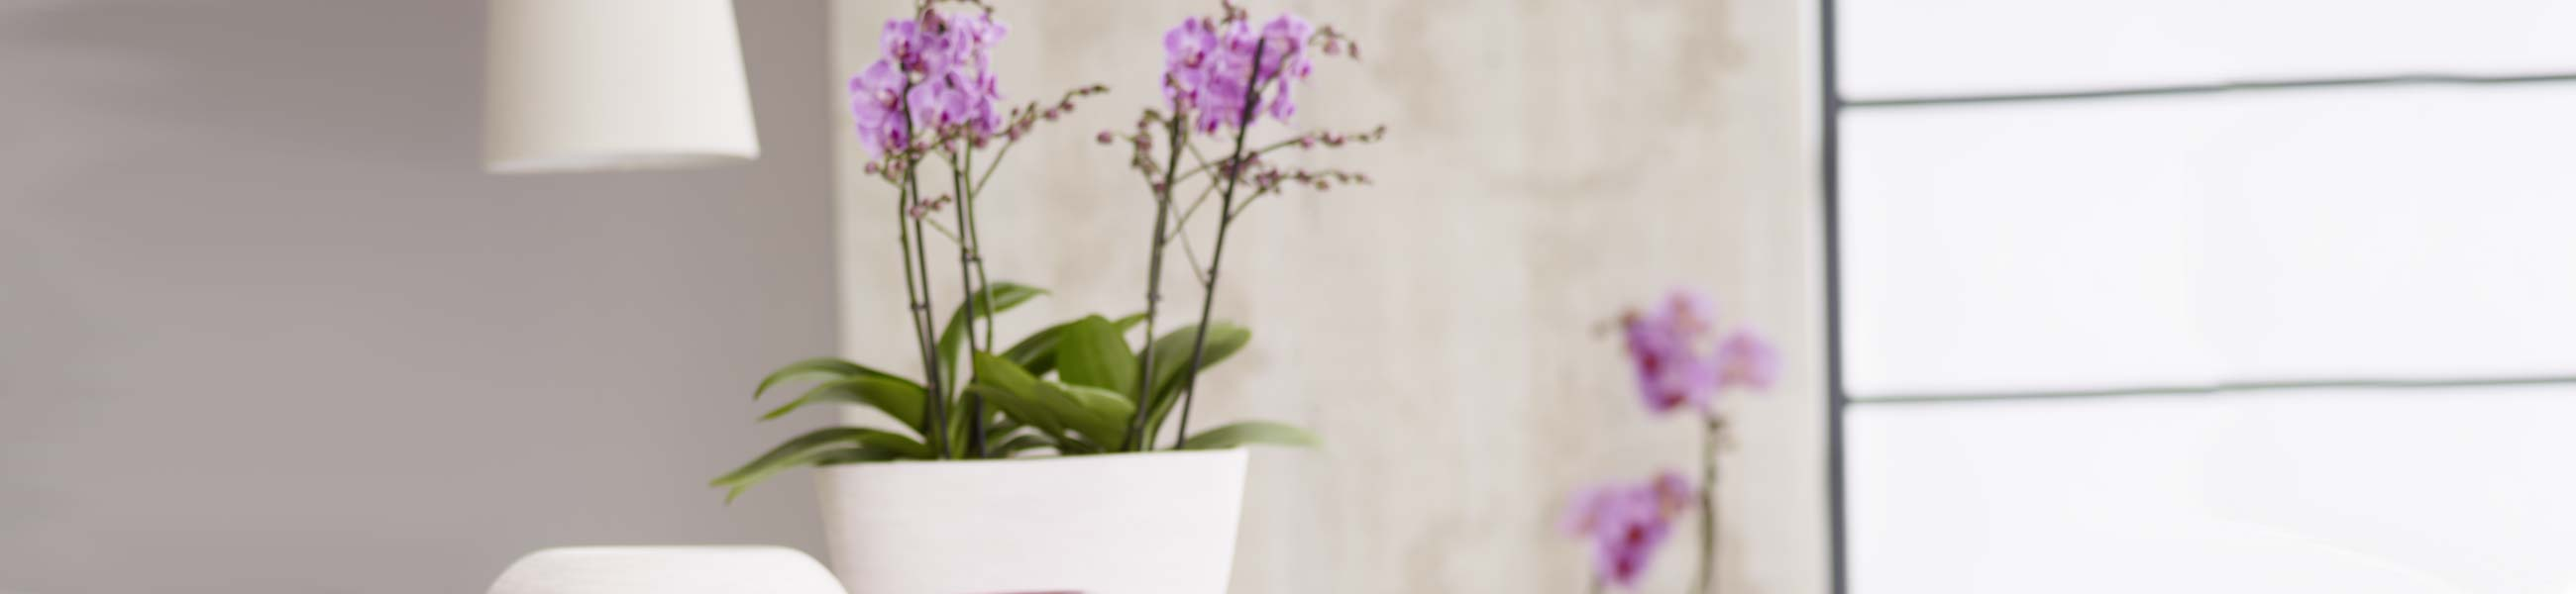 orchideentopf f r ihre bl hfreunde bei dehner bestellen dehner. Black Bedroom Furniture Sets. Home Design Ideas